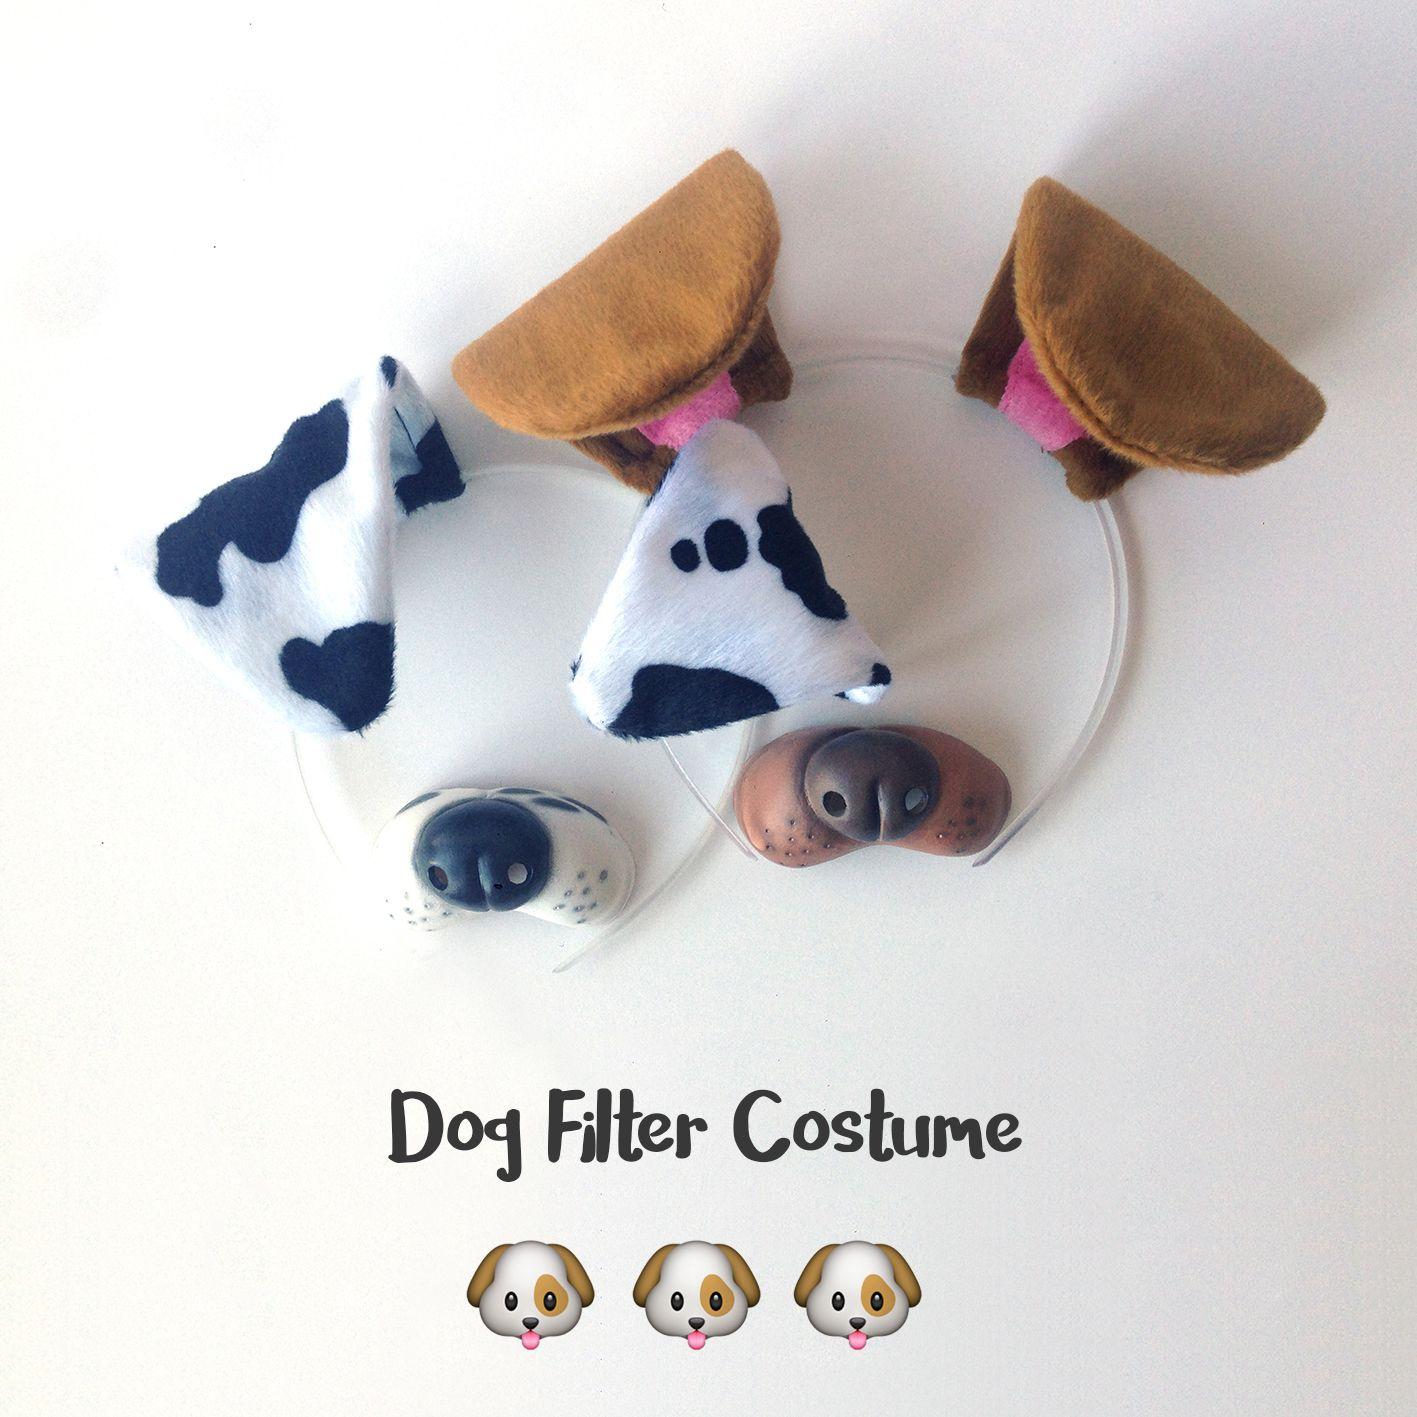 snapchat dog costume